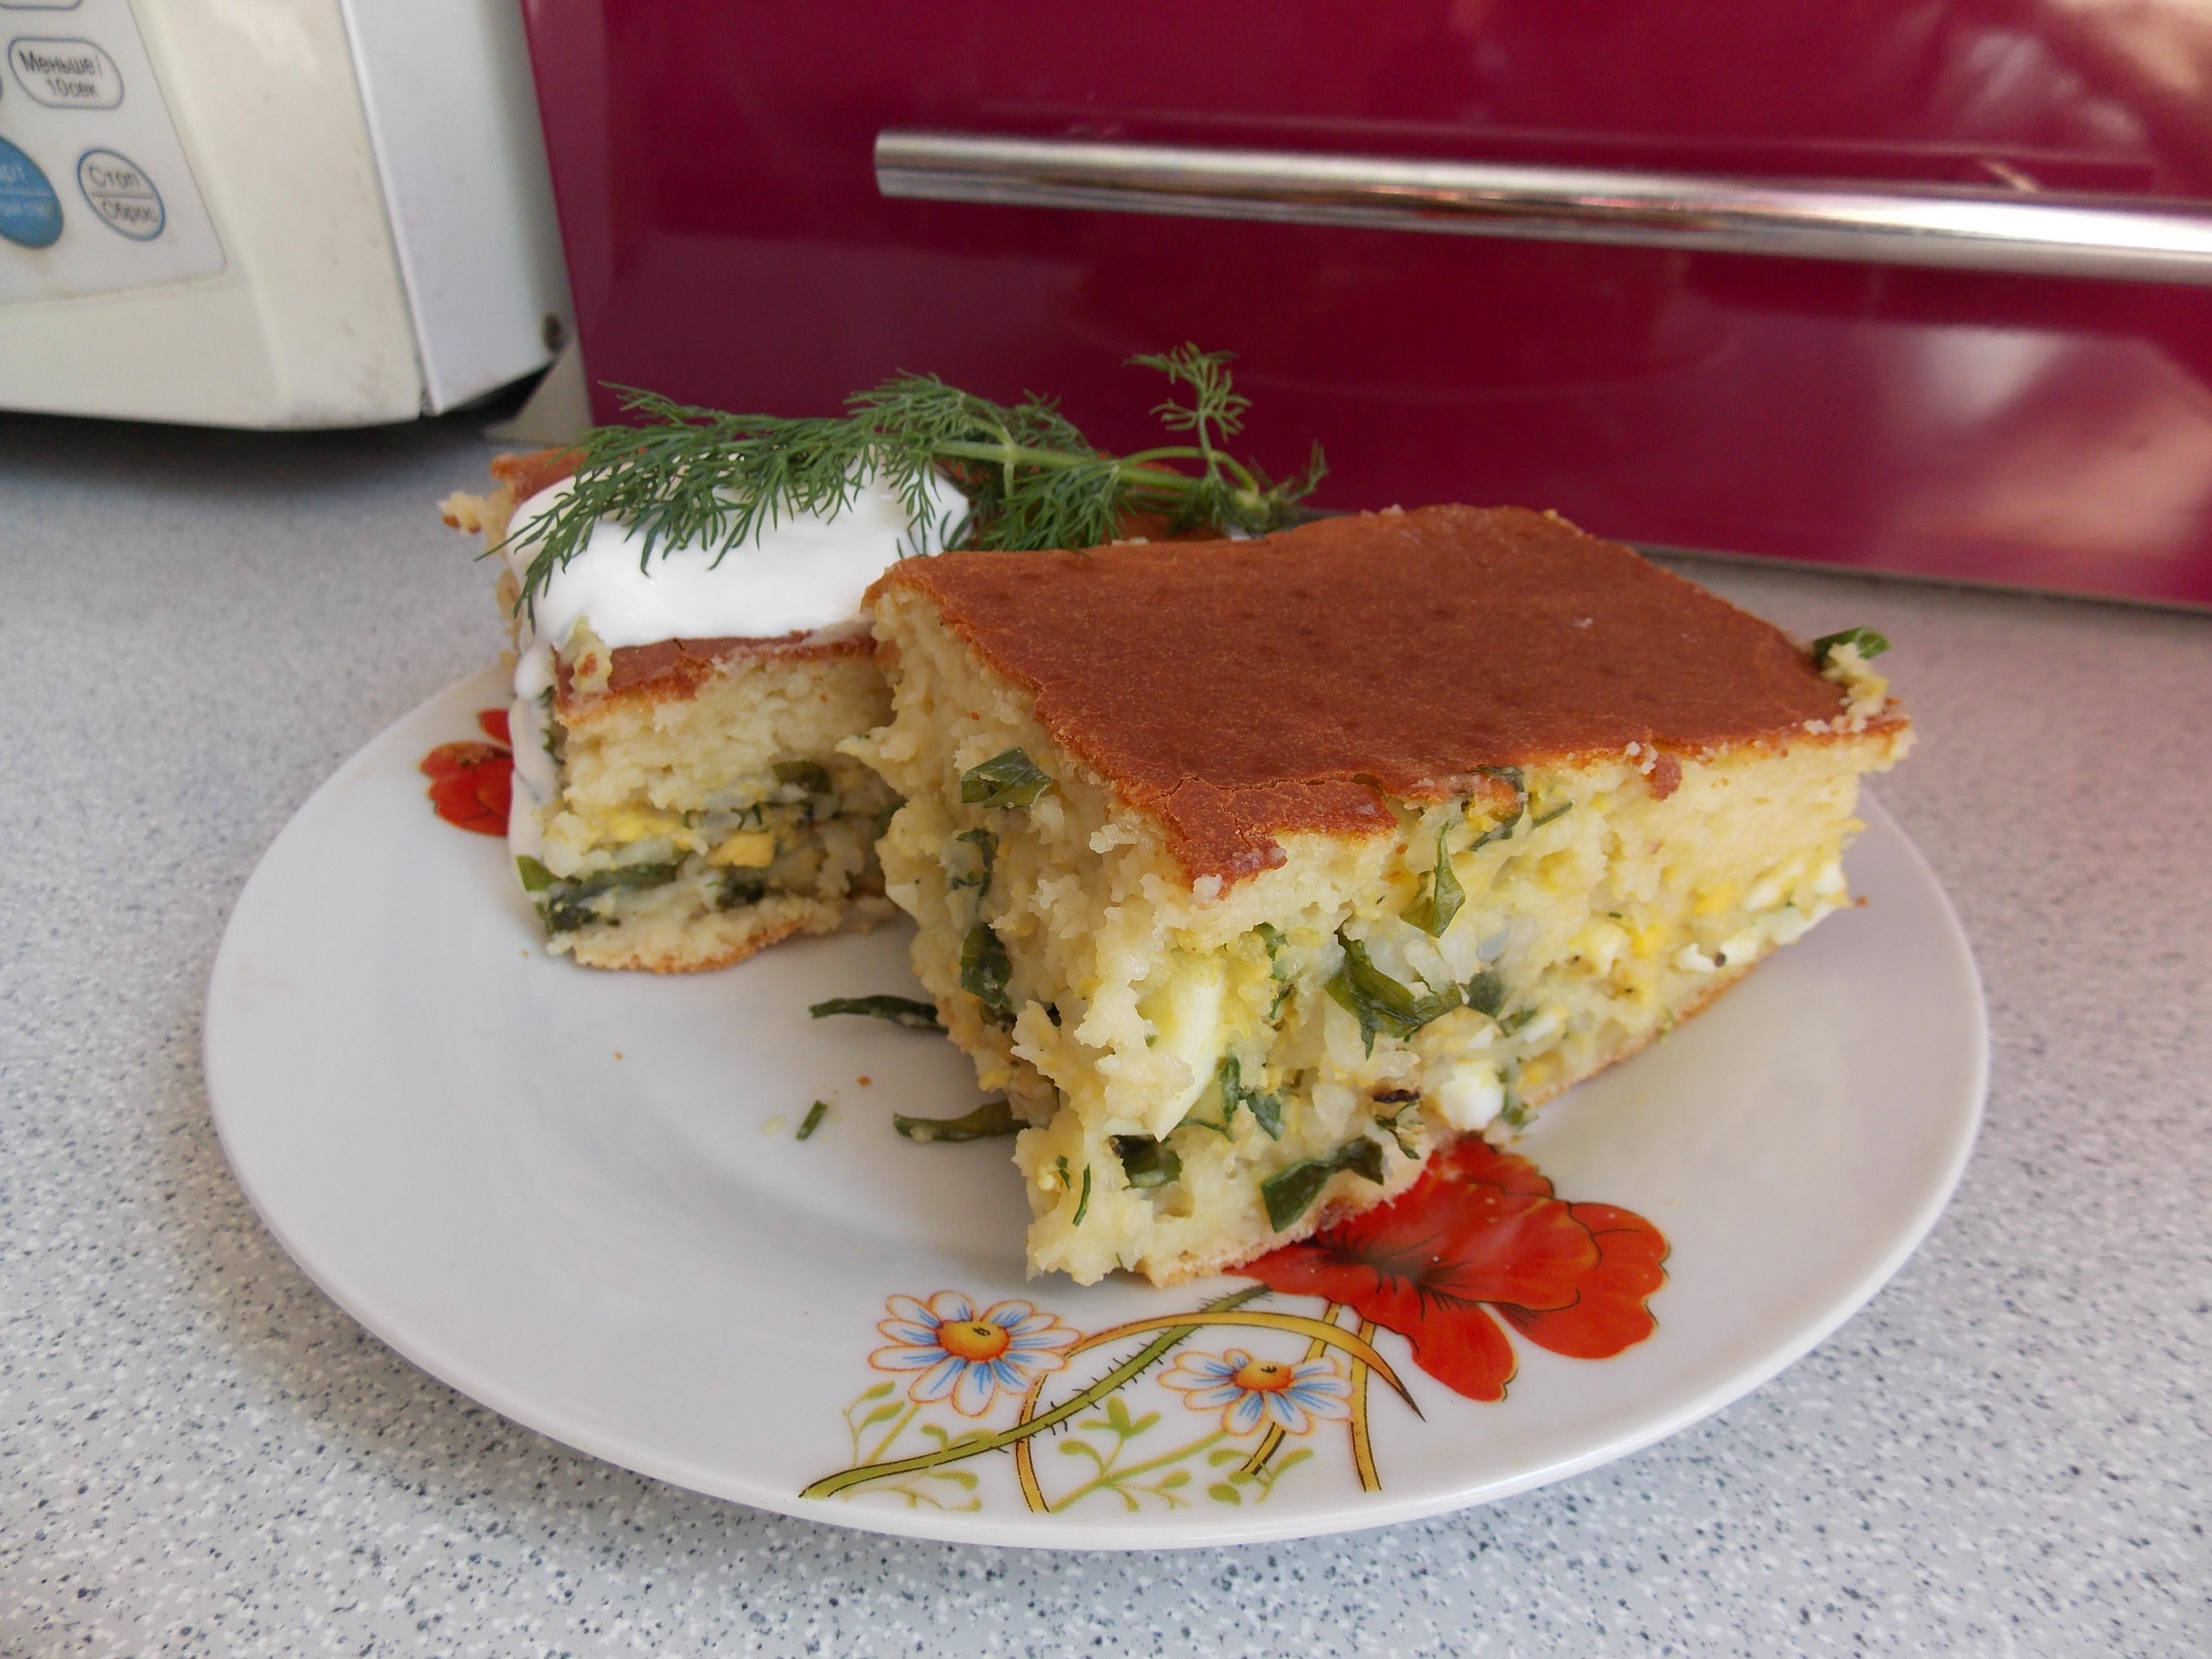 Наливной пирог с капустой - рецепт с фото | Идеи для блюд ...